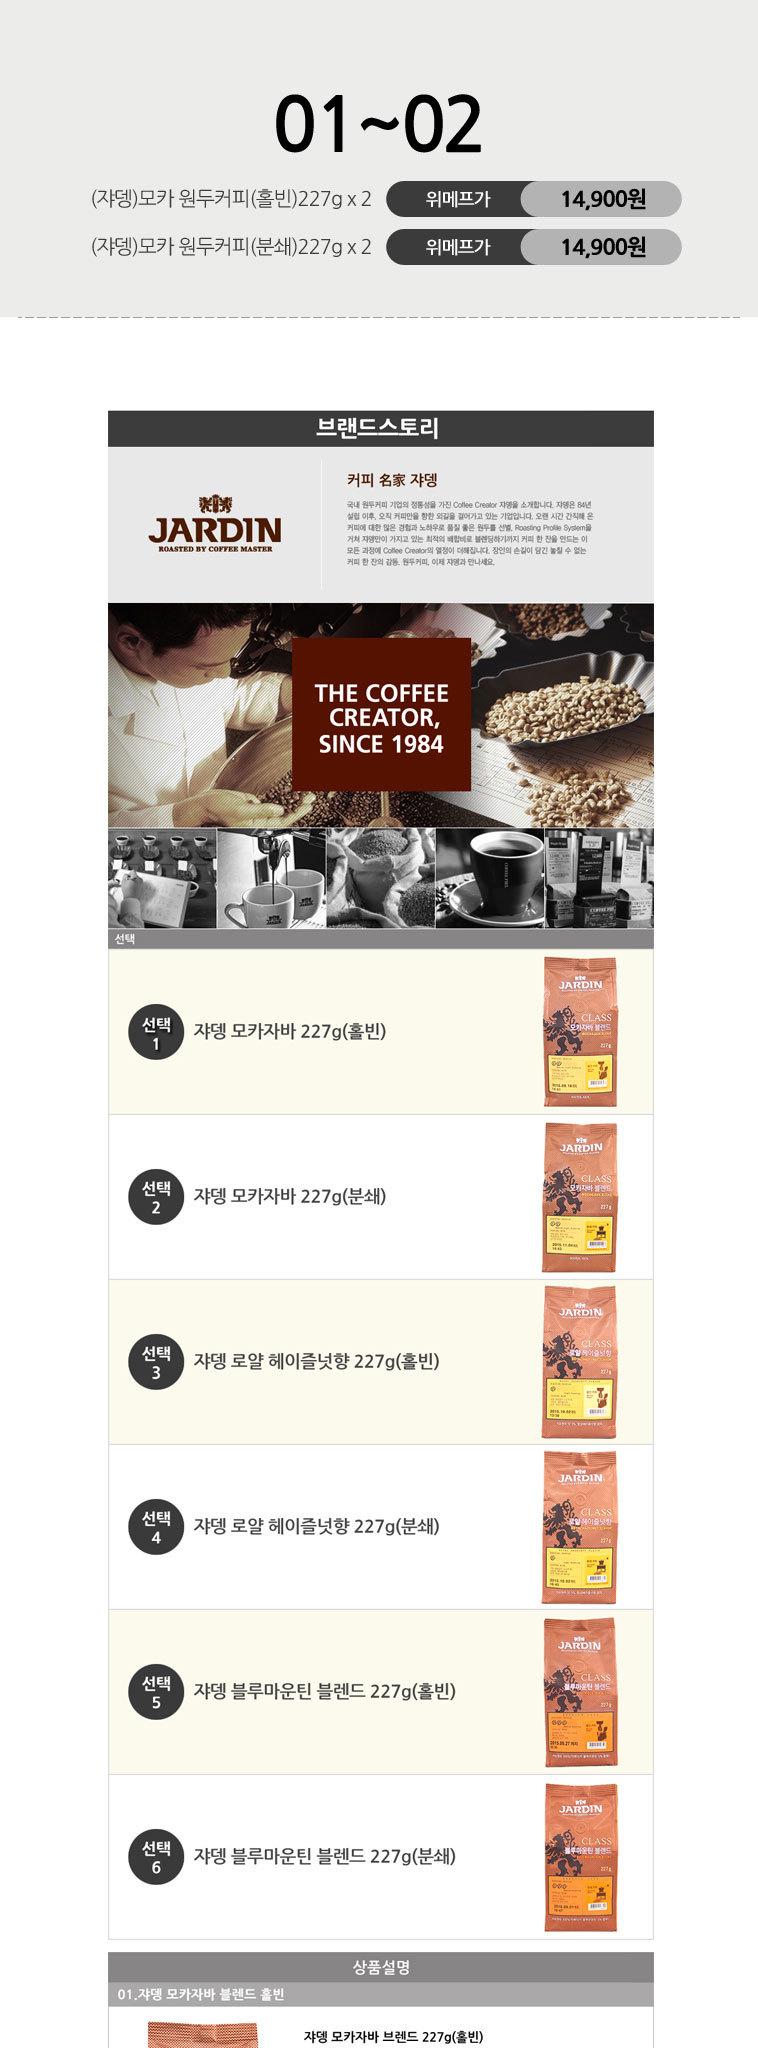 쟈뎅 원두커피 227g x 2개 모음전 !! - 상세정보